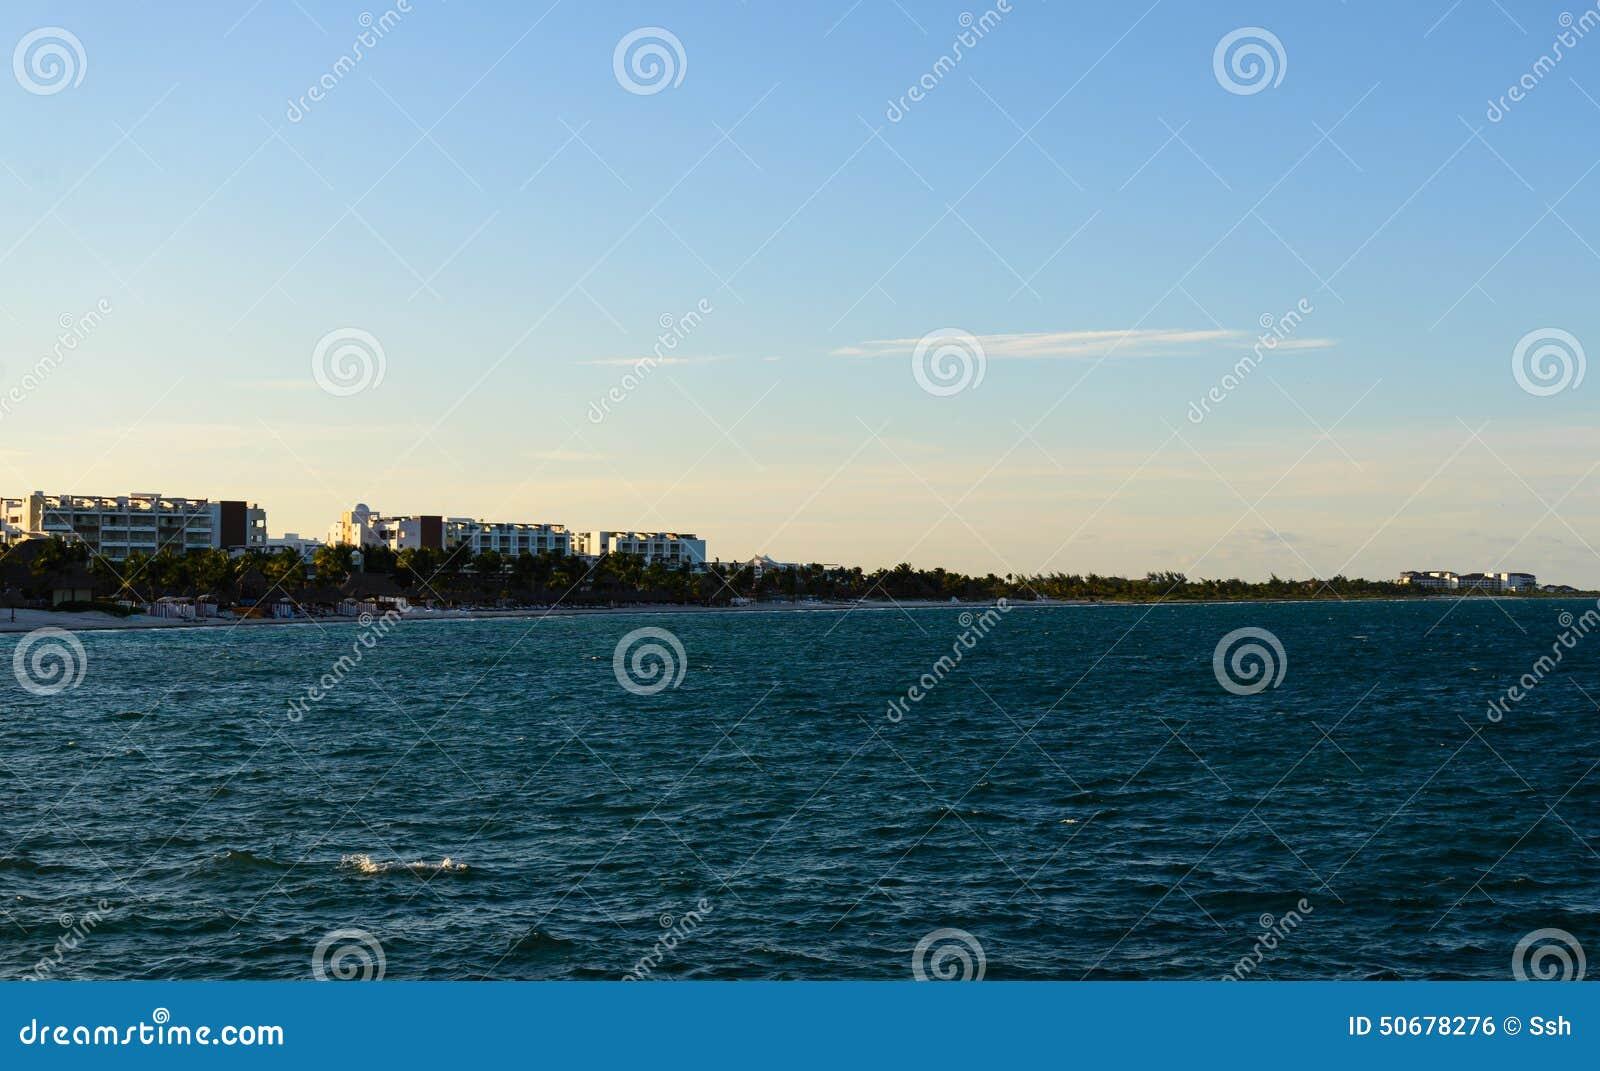 Download 热带手段地方 库存照片. 图片 包括有 风景, 田园诗, 手段, 云彩, 蓝色, 绿色, 天堂, 海岛, 盐水湖 - 50678276